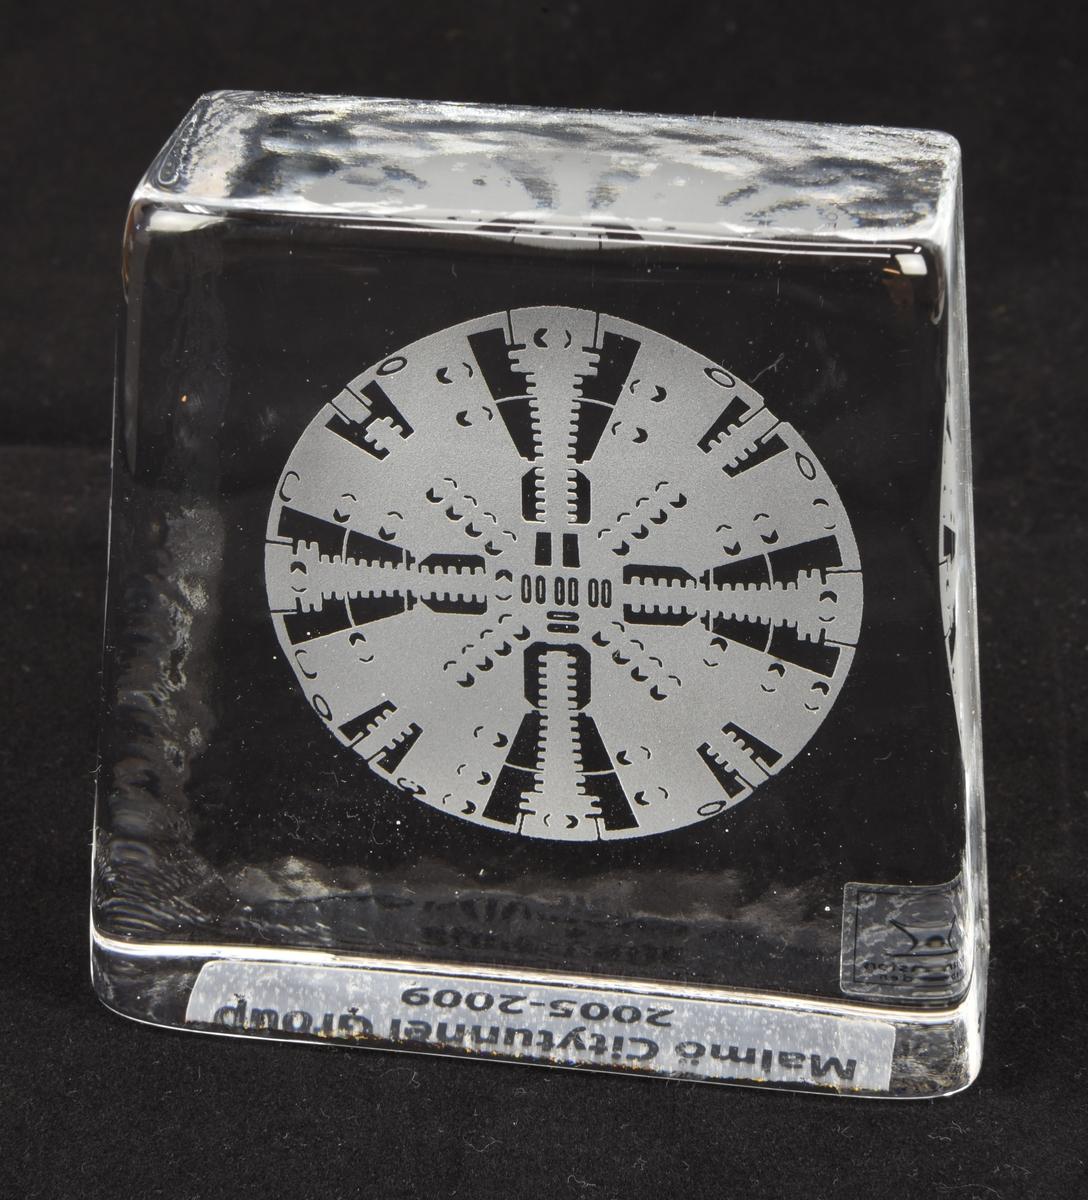 En rektangulär stående minnesplakett i glas med gravyr. Med tillhörande kartongförpackning.  Minnesplakettens (:1) sidor sluttar svagt inåt. På dess baksida finns en gravyr som föreställer framsidan på en tunnelborrmaskin. På plakettens undersida finns en påklistrad genomskinlig plastremsa med svart text. På baksidan finns också en påklistrad genomkinlig plastremsa med tillverkarens märkning.  Förpackningen är formad som en kub och är vit på sidorna med mönster som utgörs av grå streck. På framsidan finns en rött glas och företagets logotyp. Två skumgummibitar i förpackningen håller glasföremålet på plats.